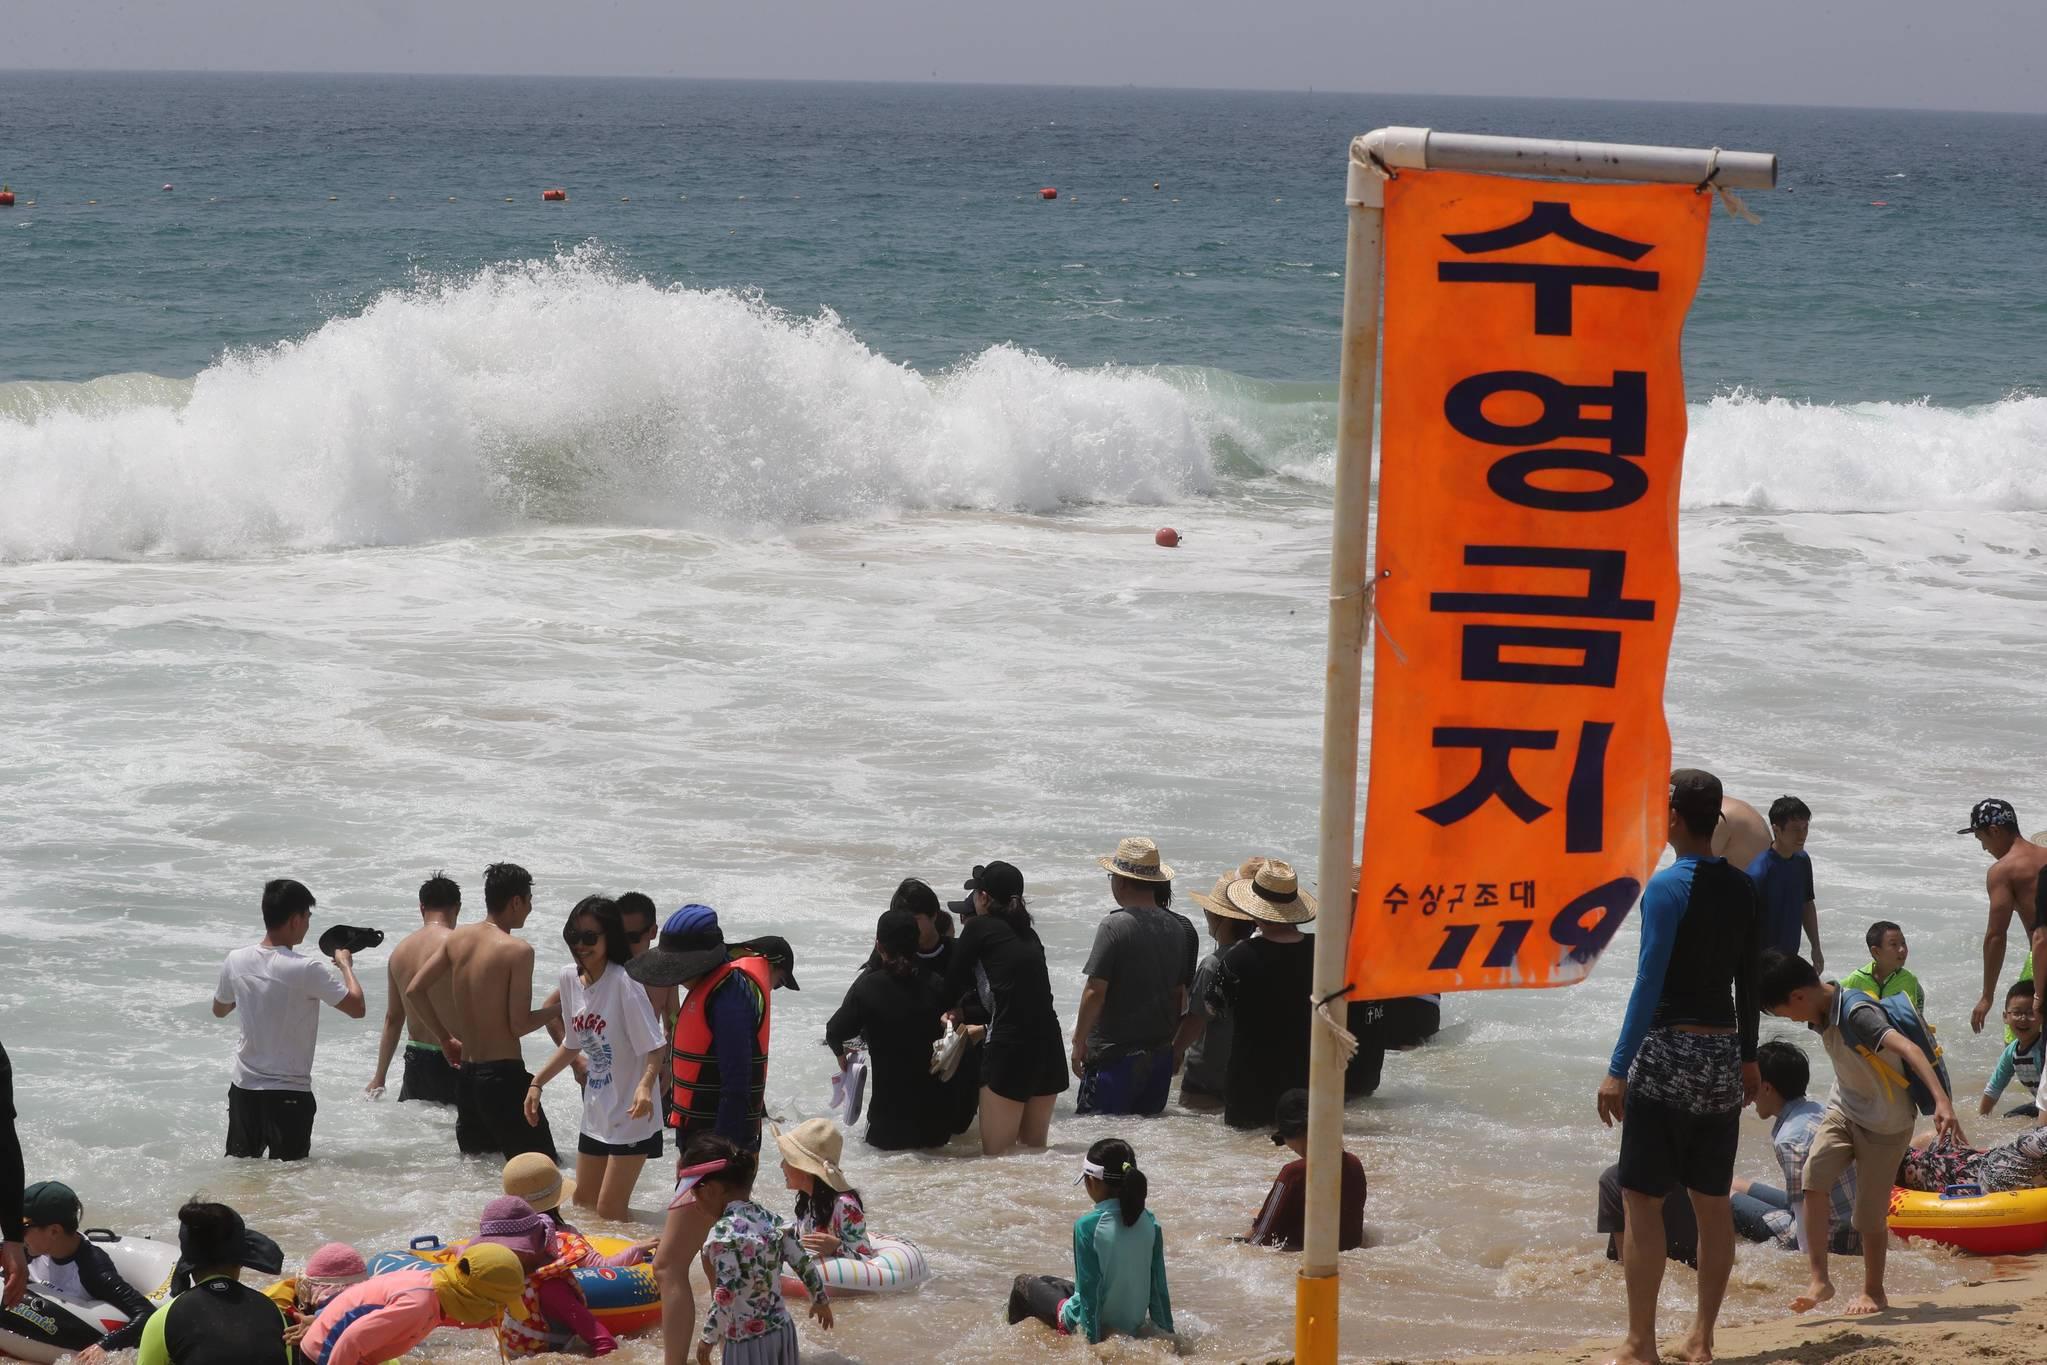 여름 휴가철 성수이인데도 이안류로 인해 수영이 금지된 부산 해운대해수욕장. [연합뉴스]